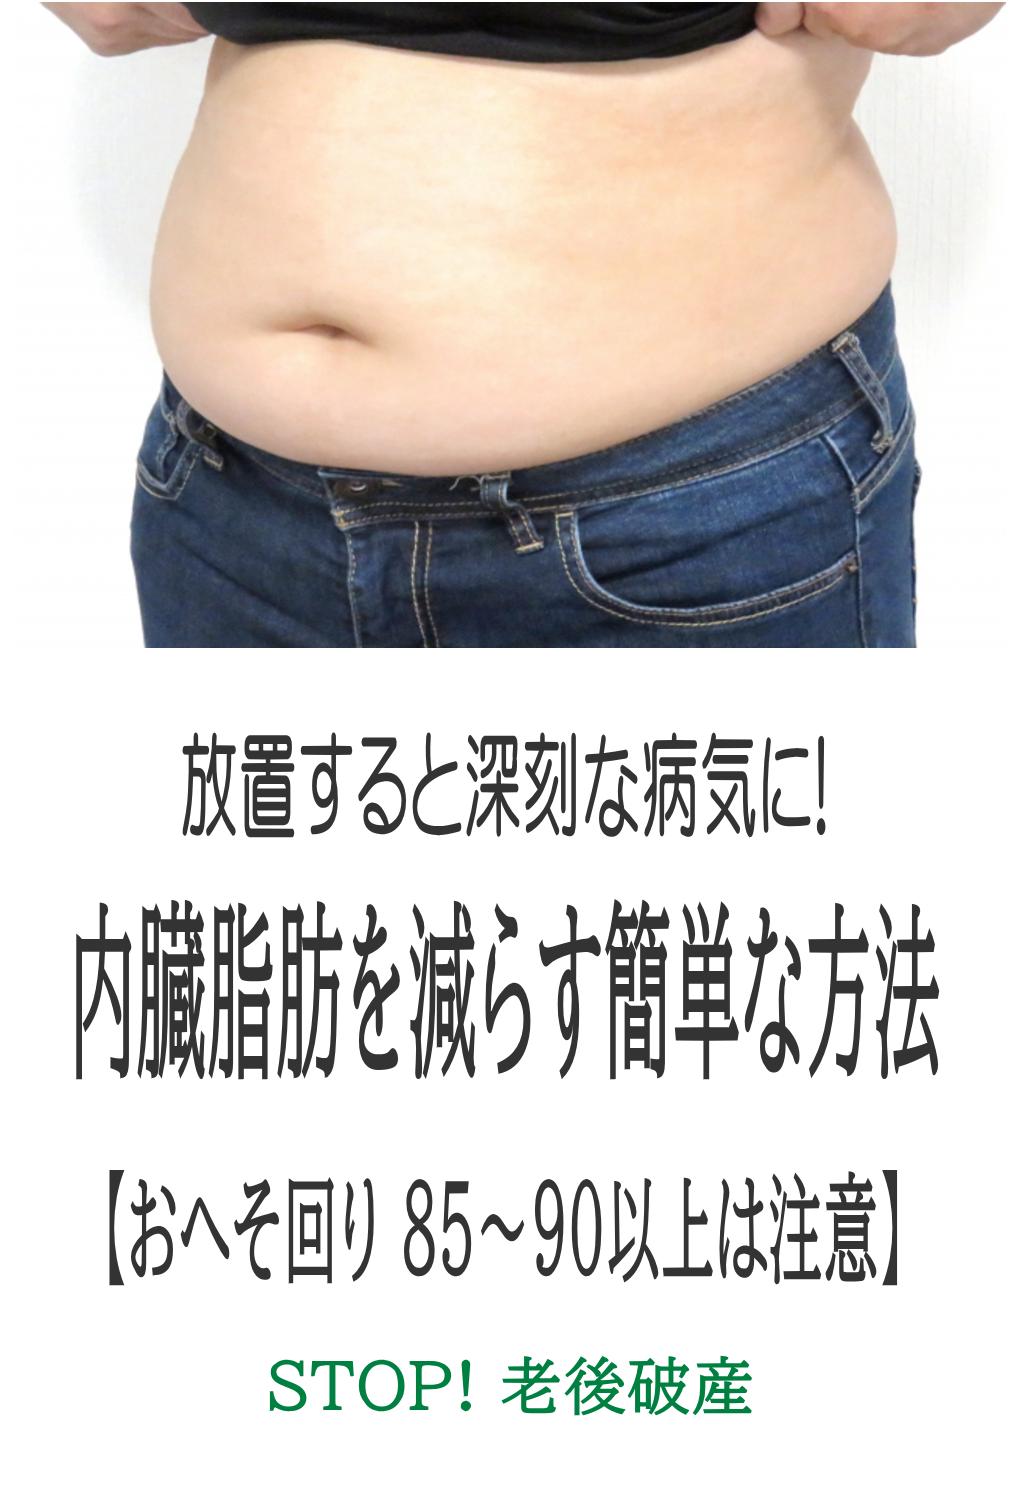 回り 内臓 脂肪 落とす 男 腹